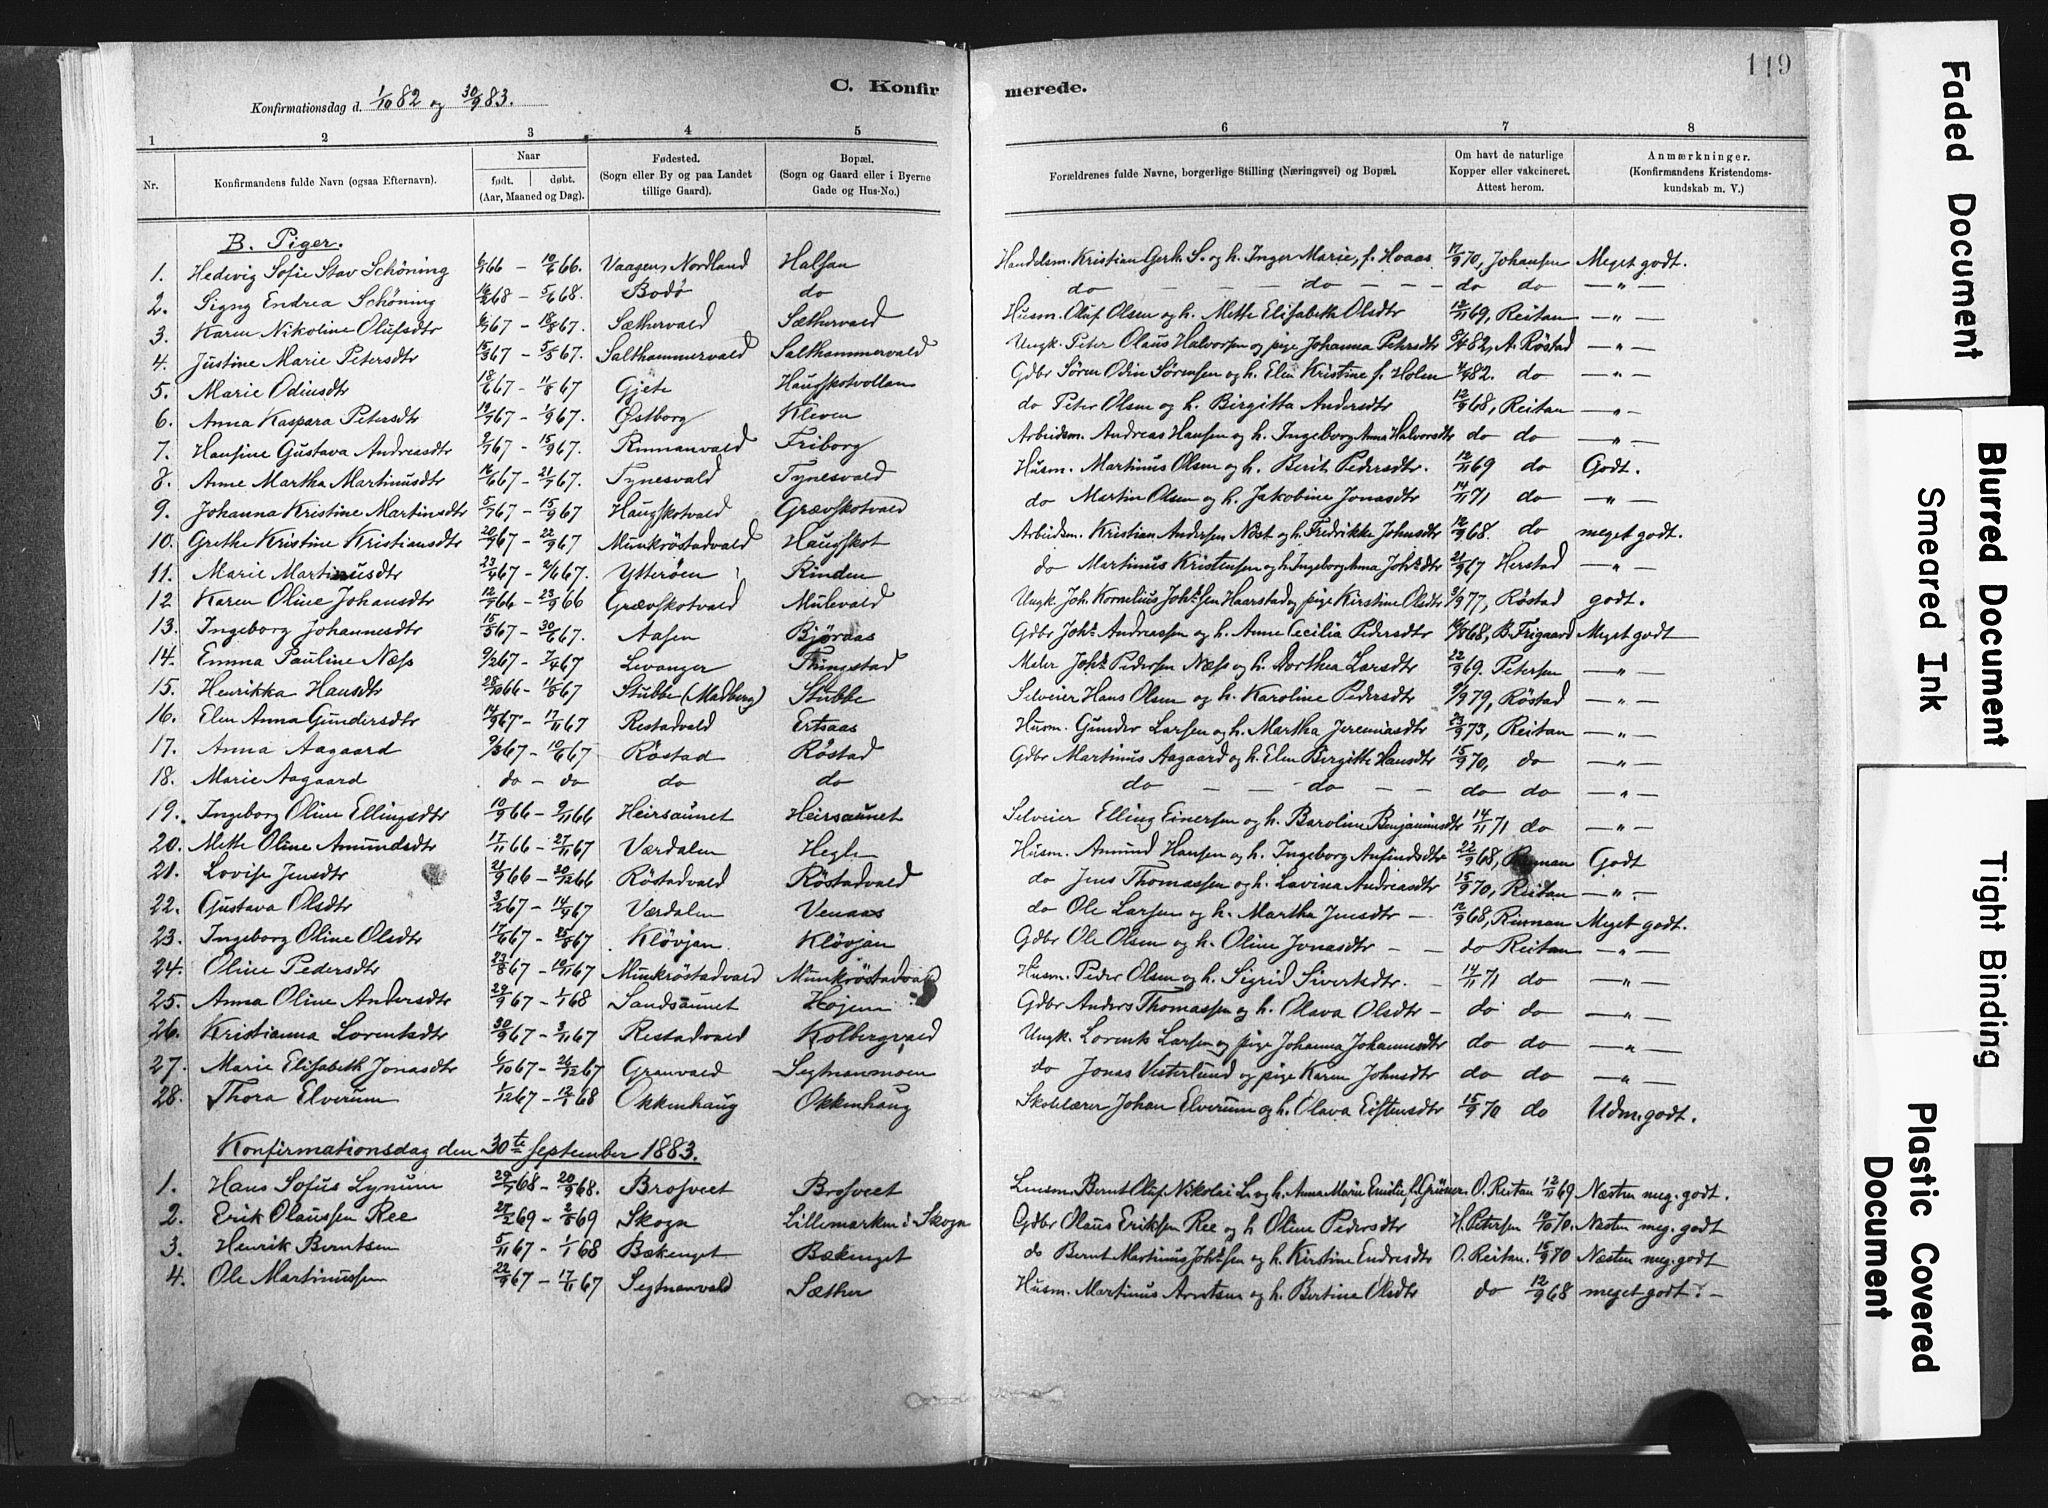 SAT, Ministerialprotokoller, klokkerbøker og fødselsregistre - Nord-Trøndelag, 721/L0207: Ministerialbok nr. 721A02, 1880-1911, s. 119